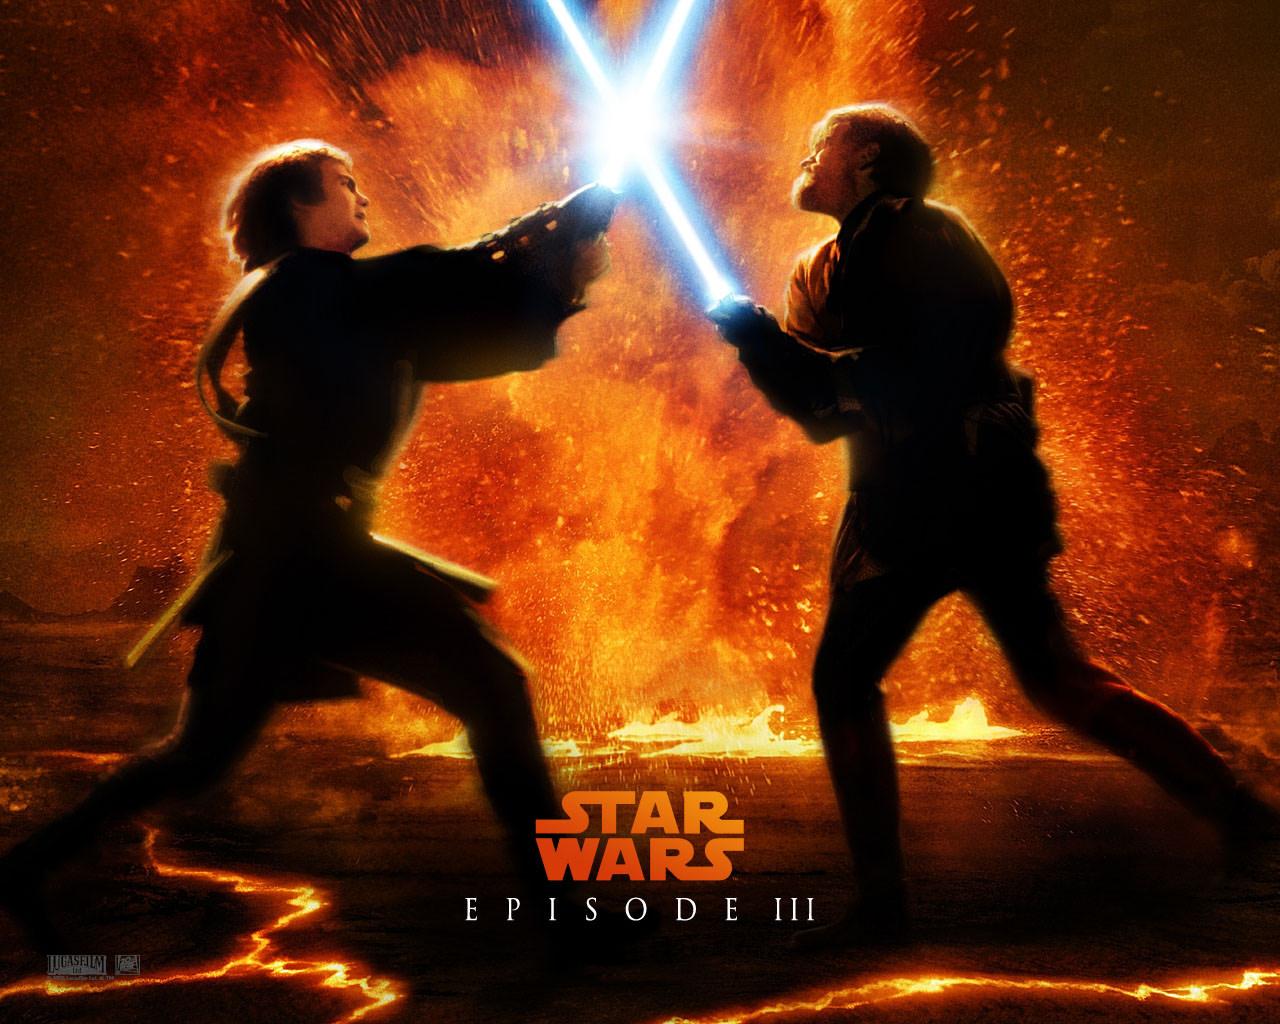 Star wars anakin obi-wan duel